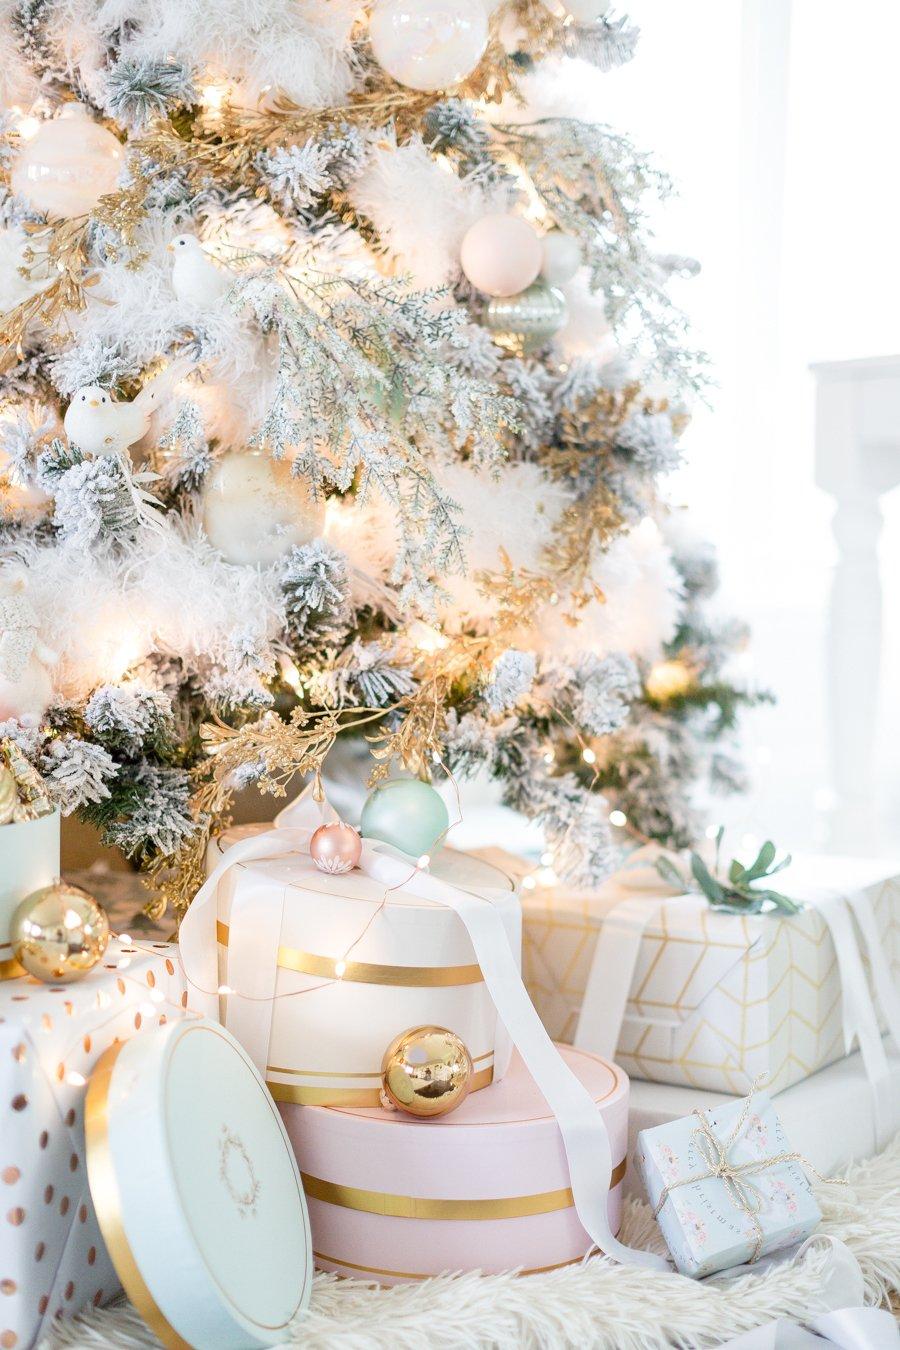 Deko Weihnachten für das Wohnzimmer